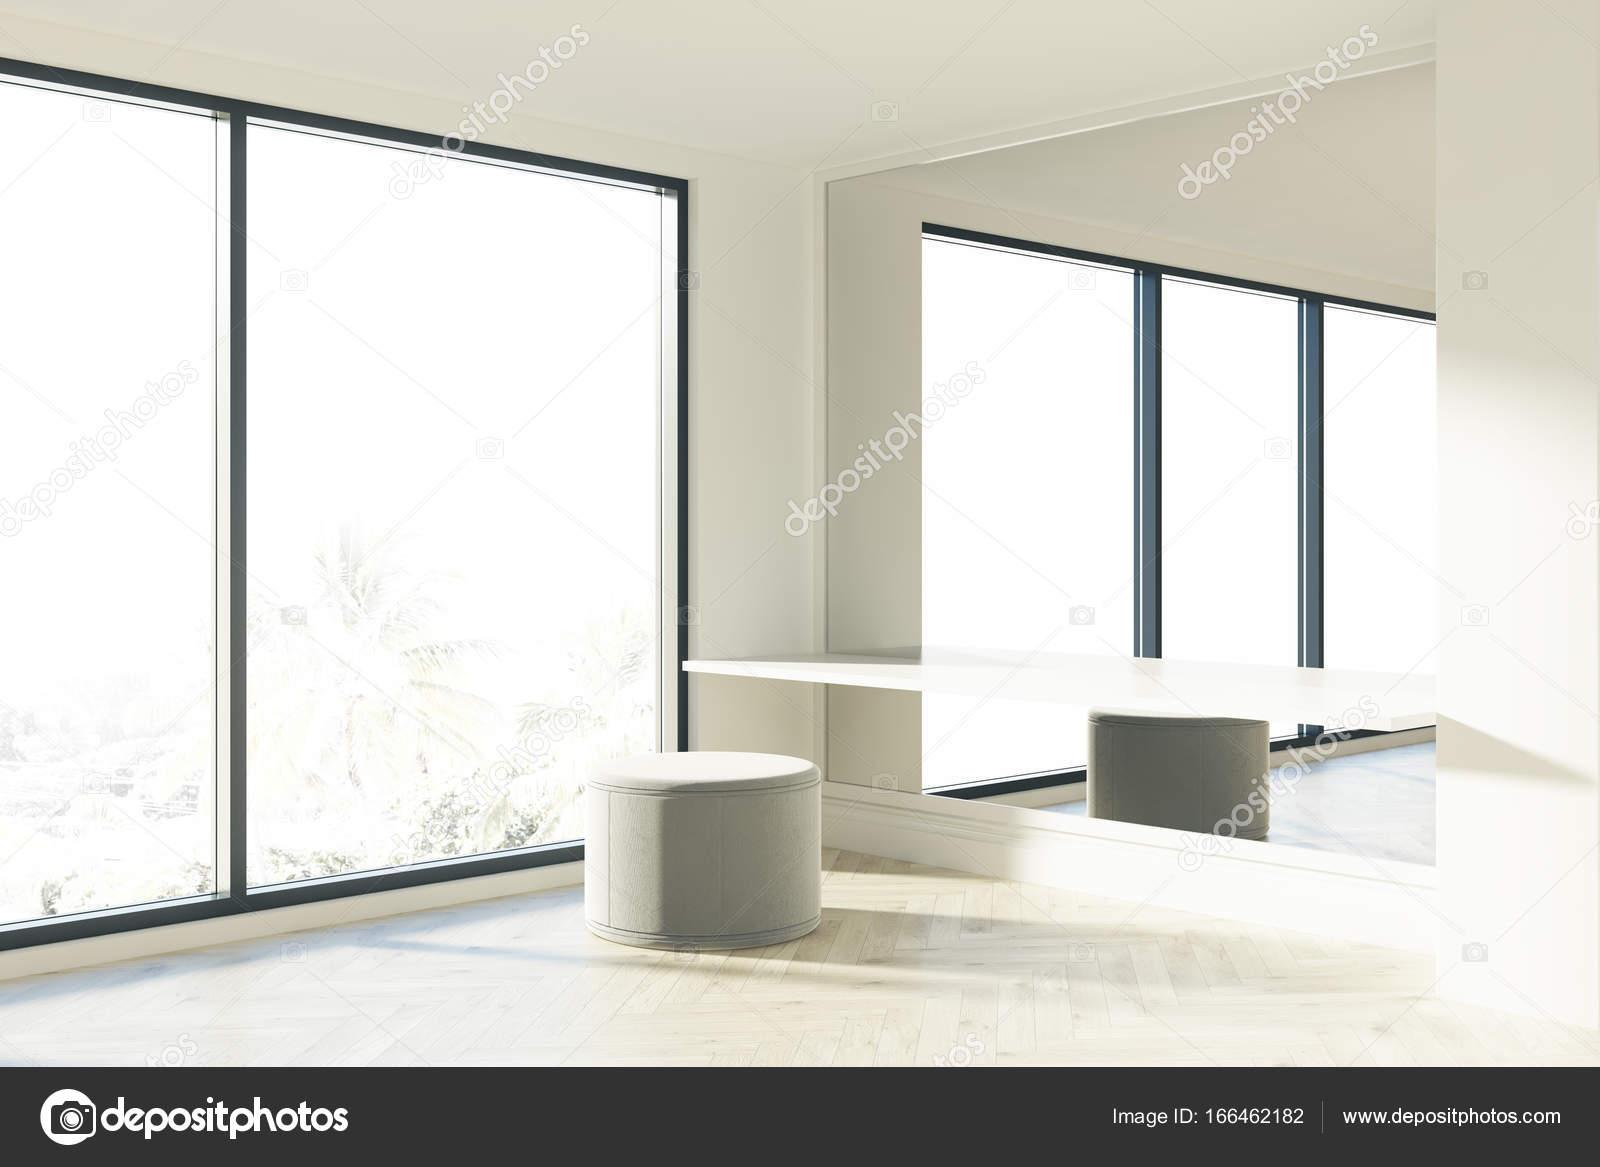 Bureau de zone soufflant fenêtre dattente u2014 photographie